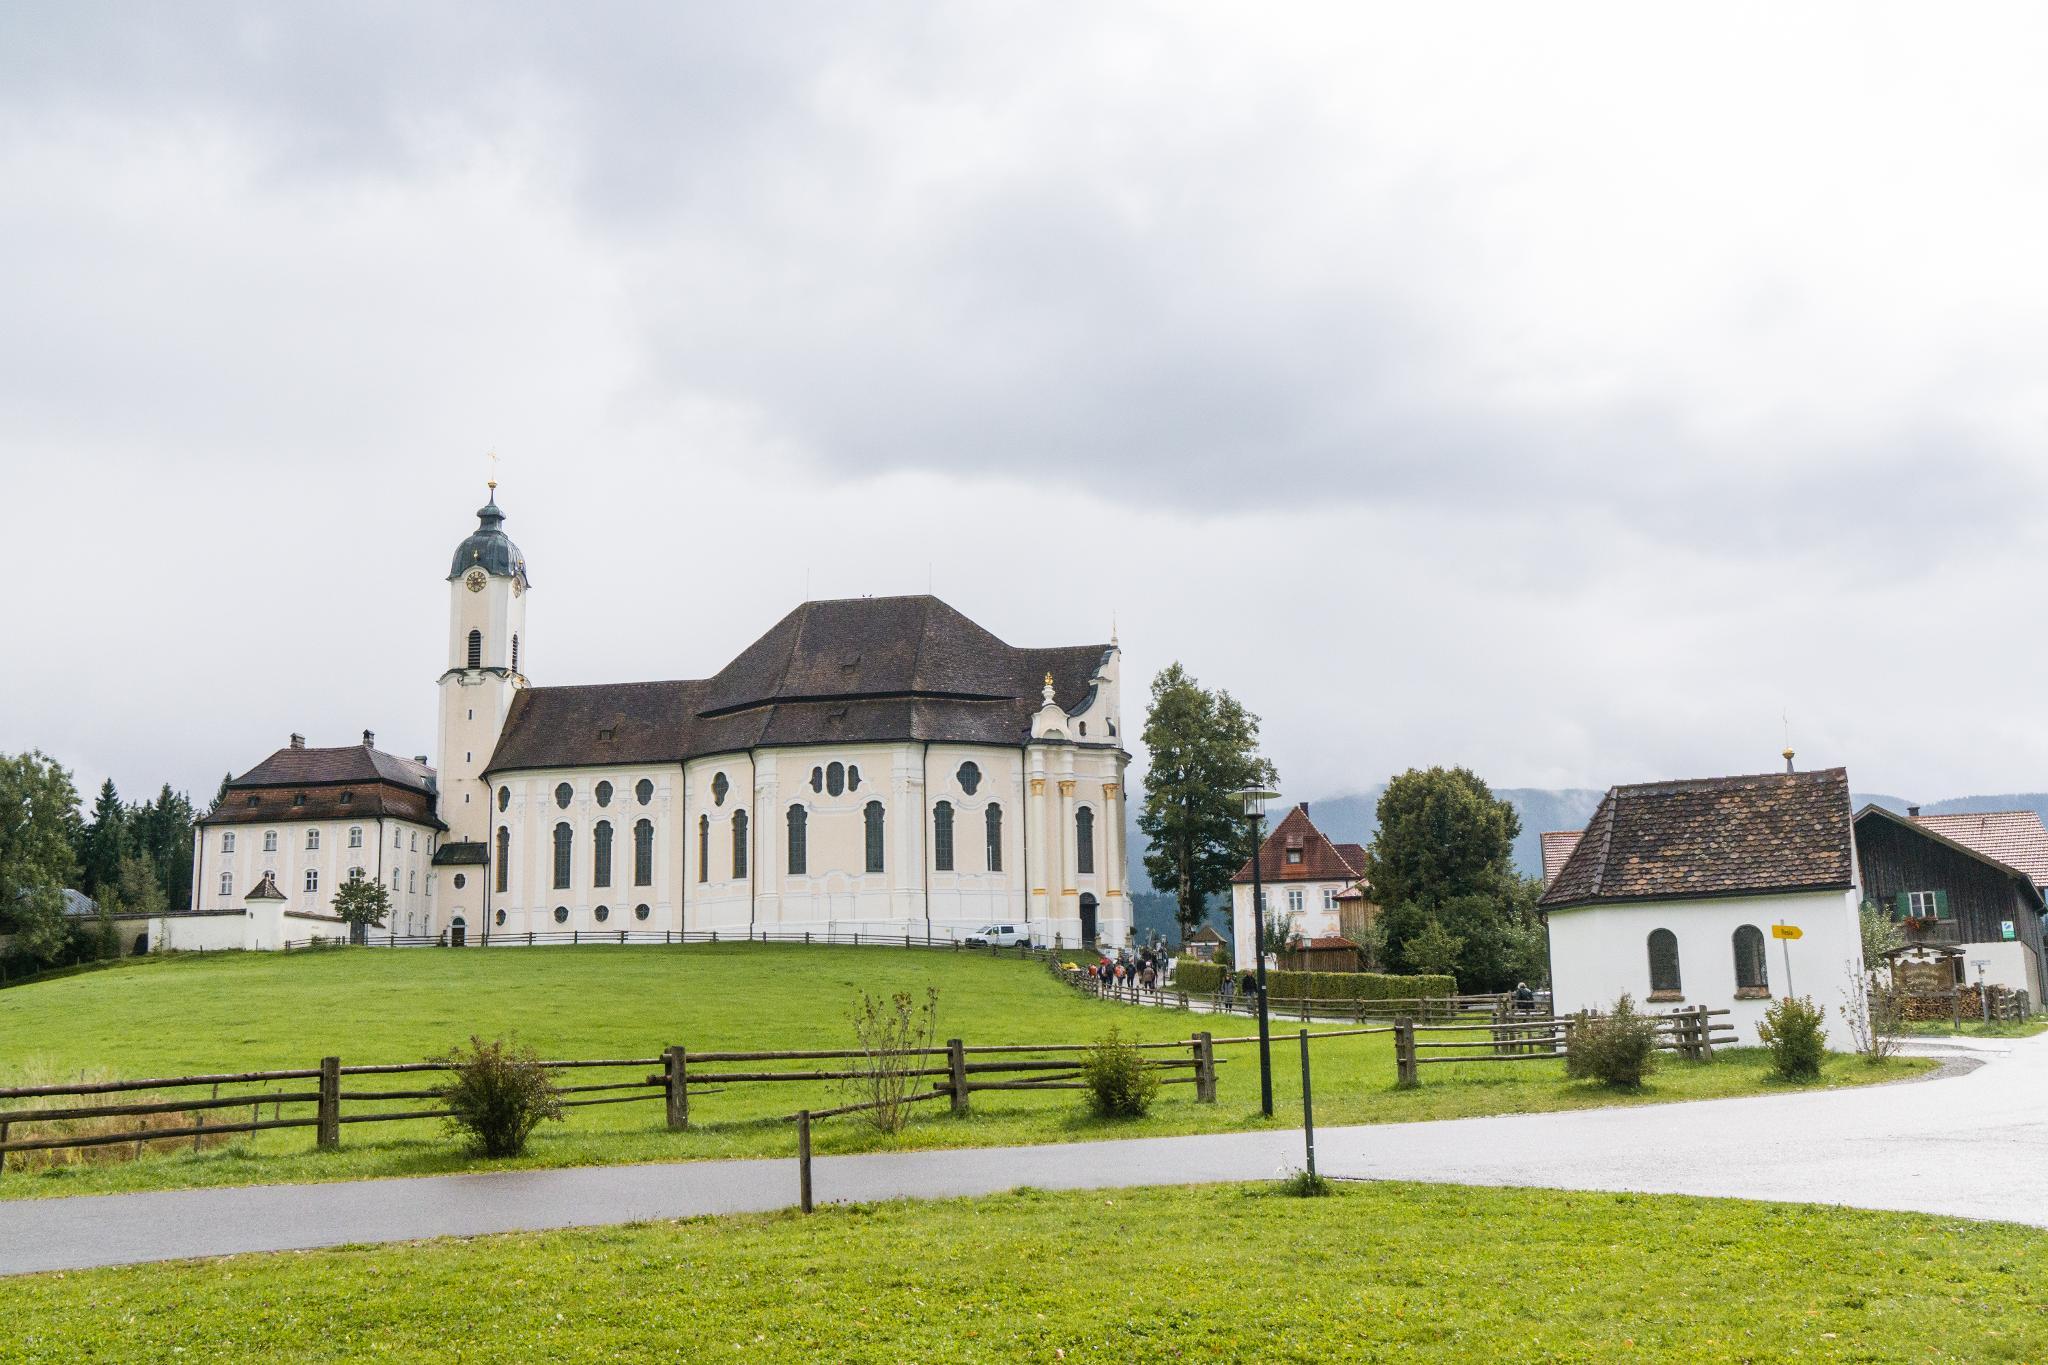 【德國】阿爾卑斯大道:維斯朝聖教堂 (Wieskirche) 11